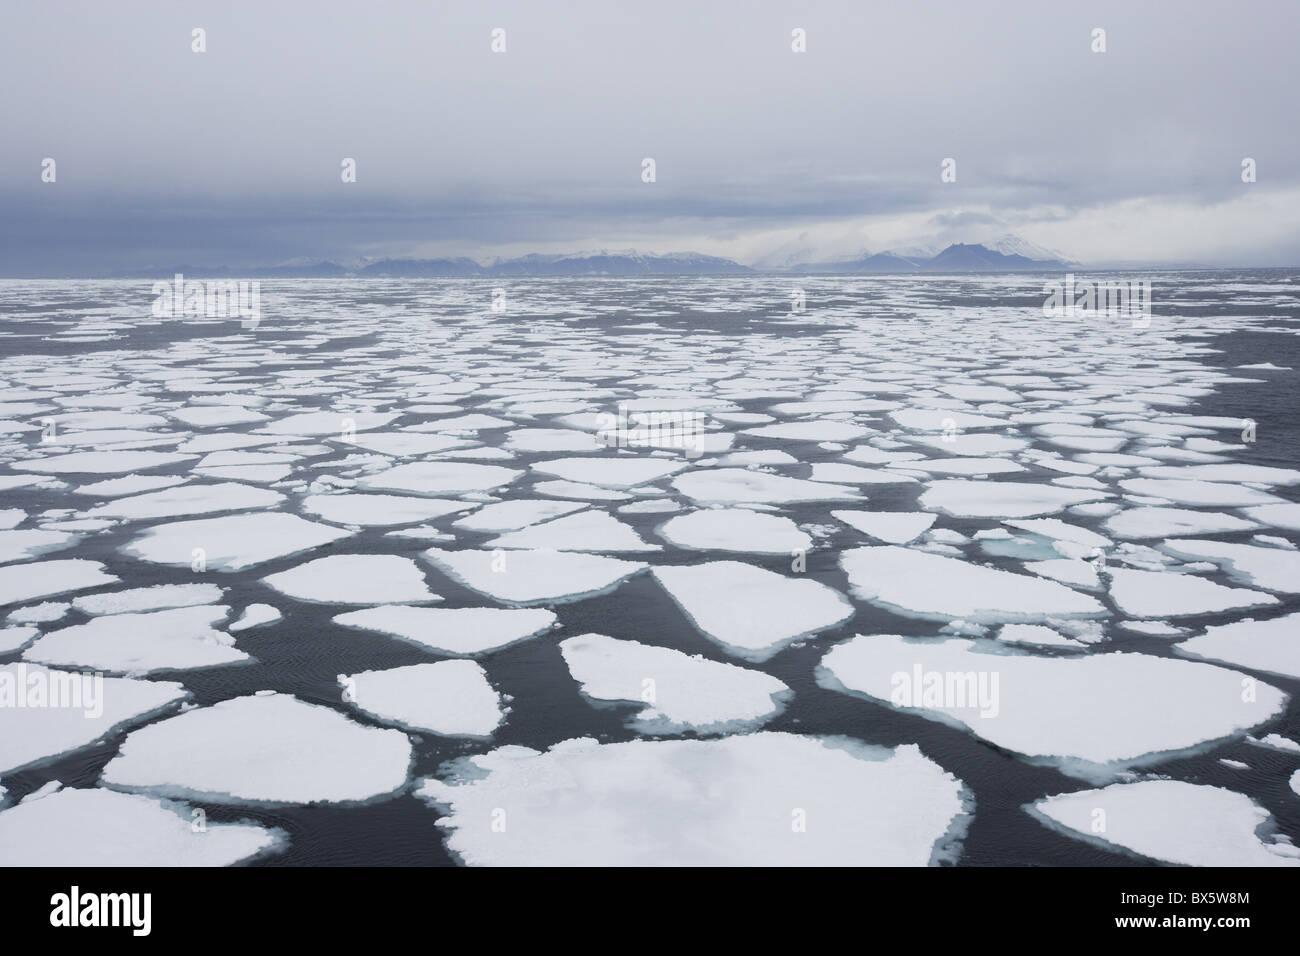 Eisscholle, Treibeis, Grönland, Arktis, Polarregionen Stockbild